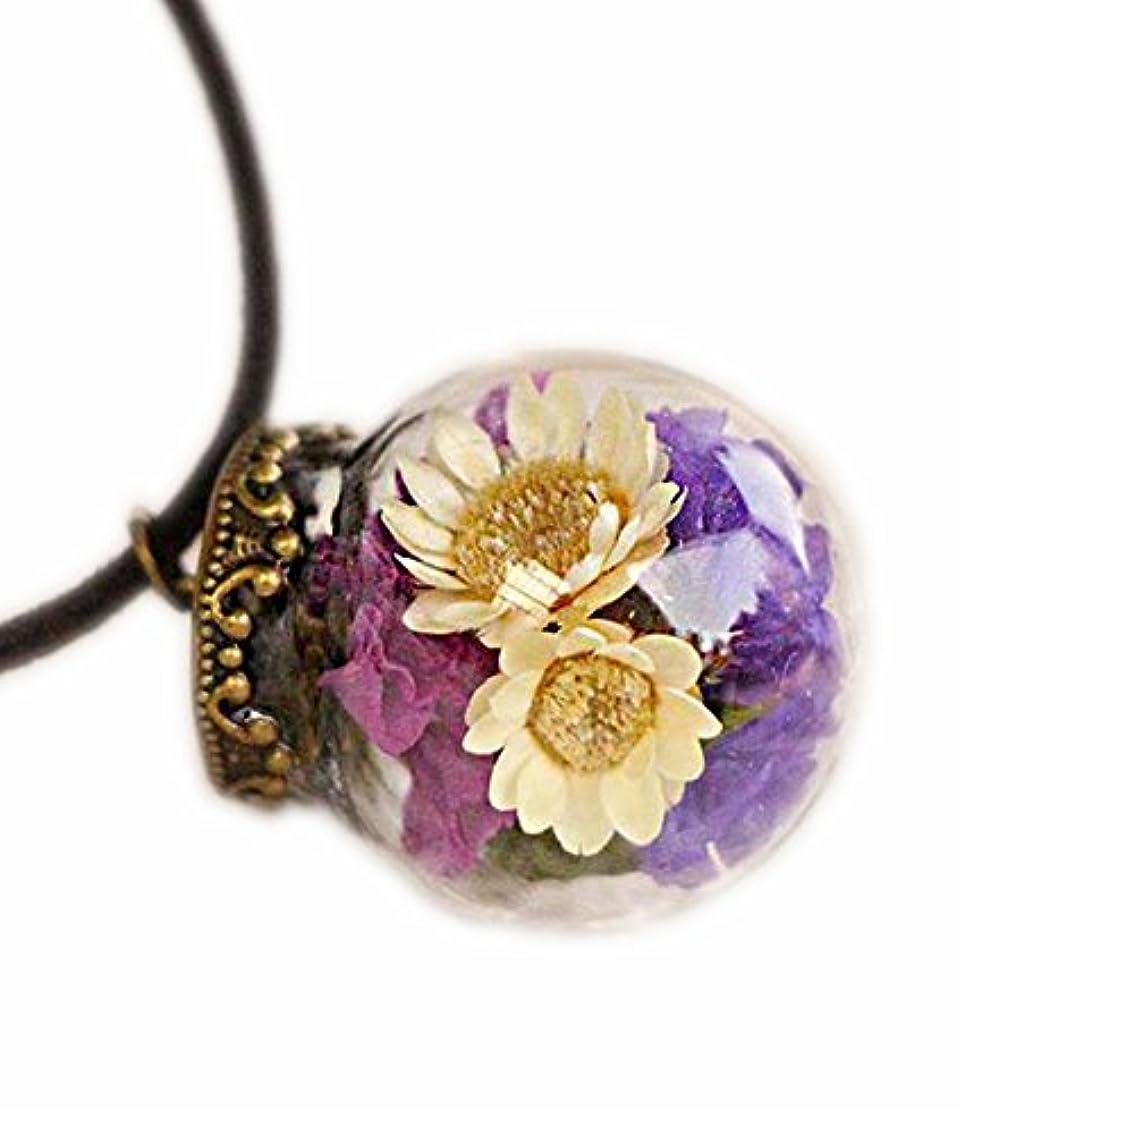 インキュバスのために進捗2美しい乾燥した花のペンダントネックレスセーターの装飾のセット